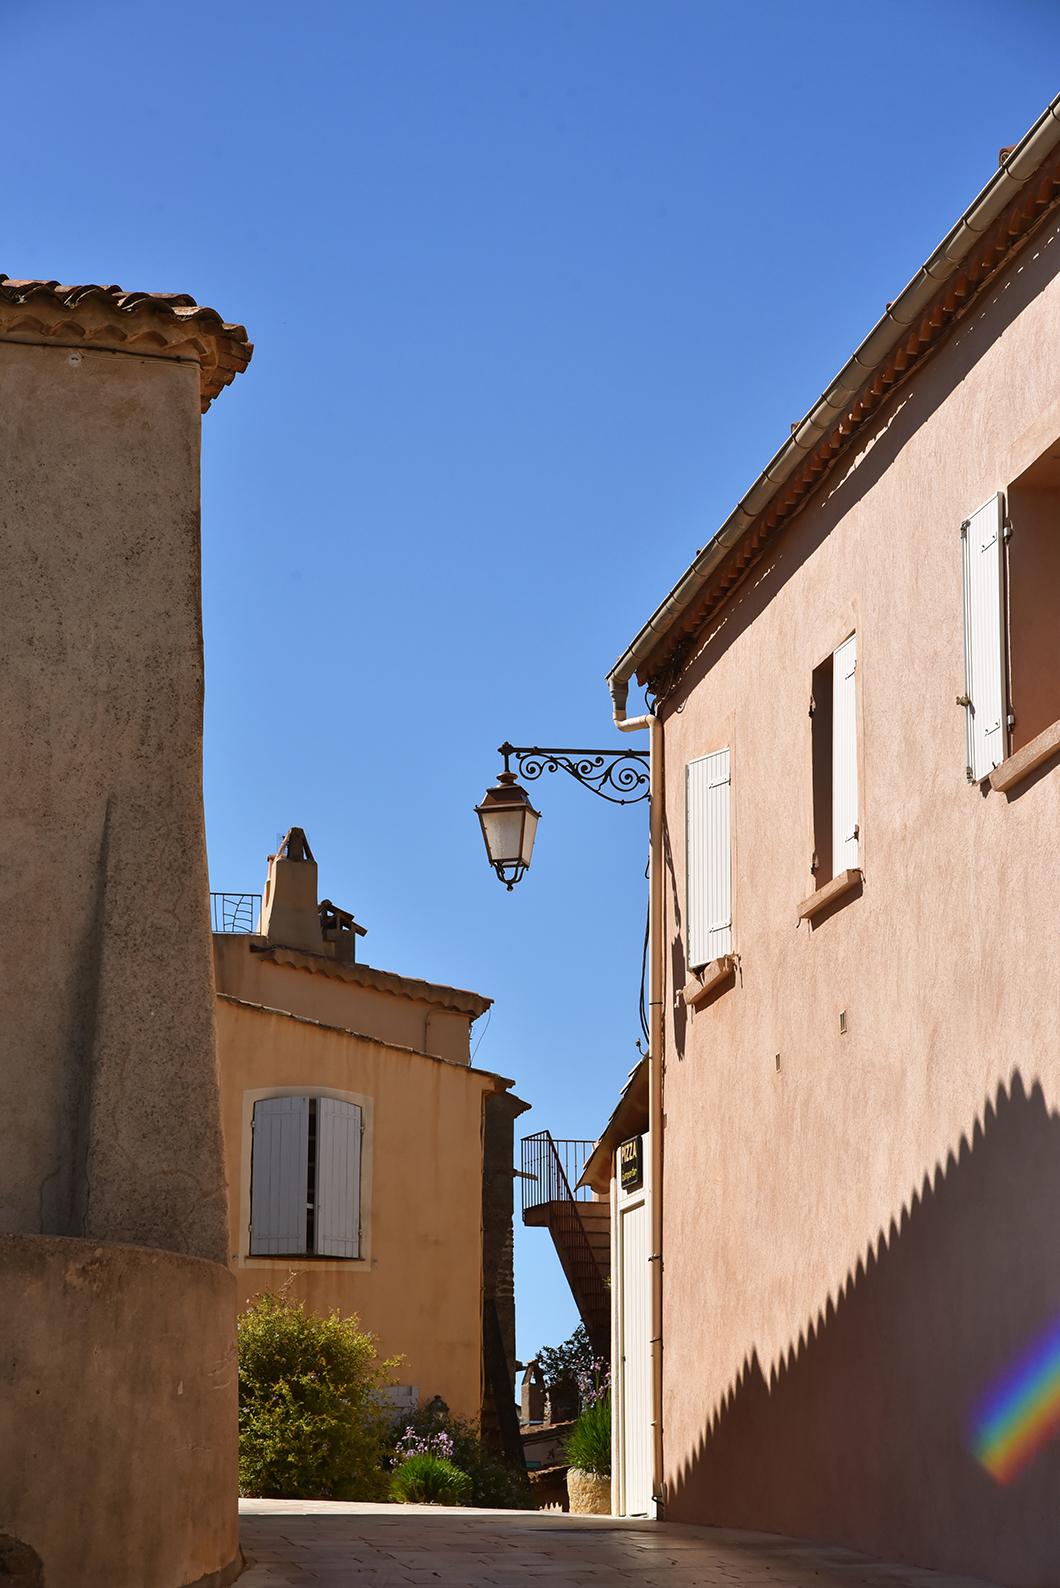 Gassin - Golfe de Saint Tropez